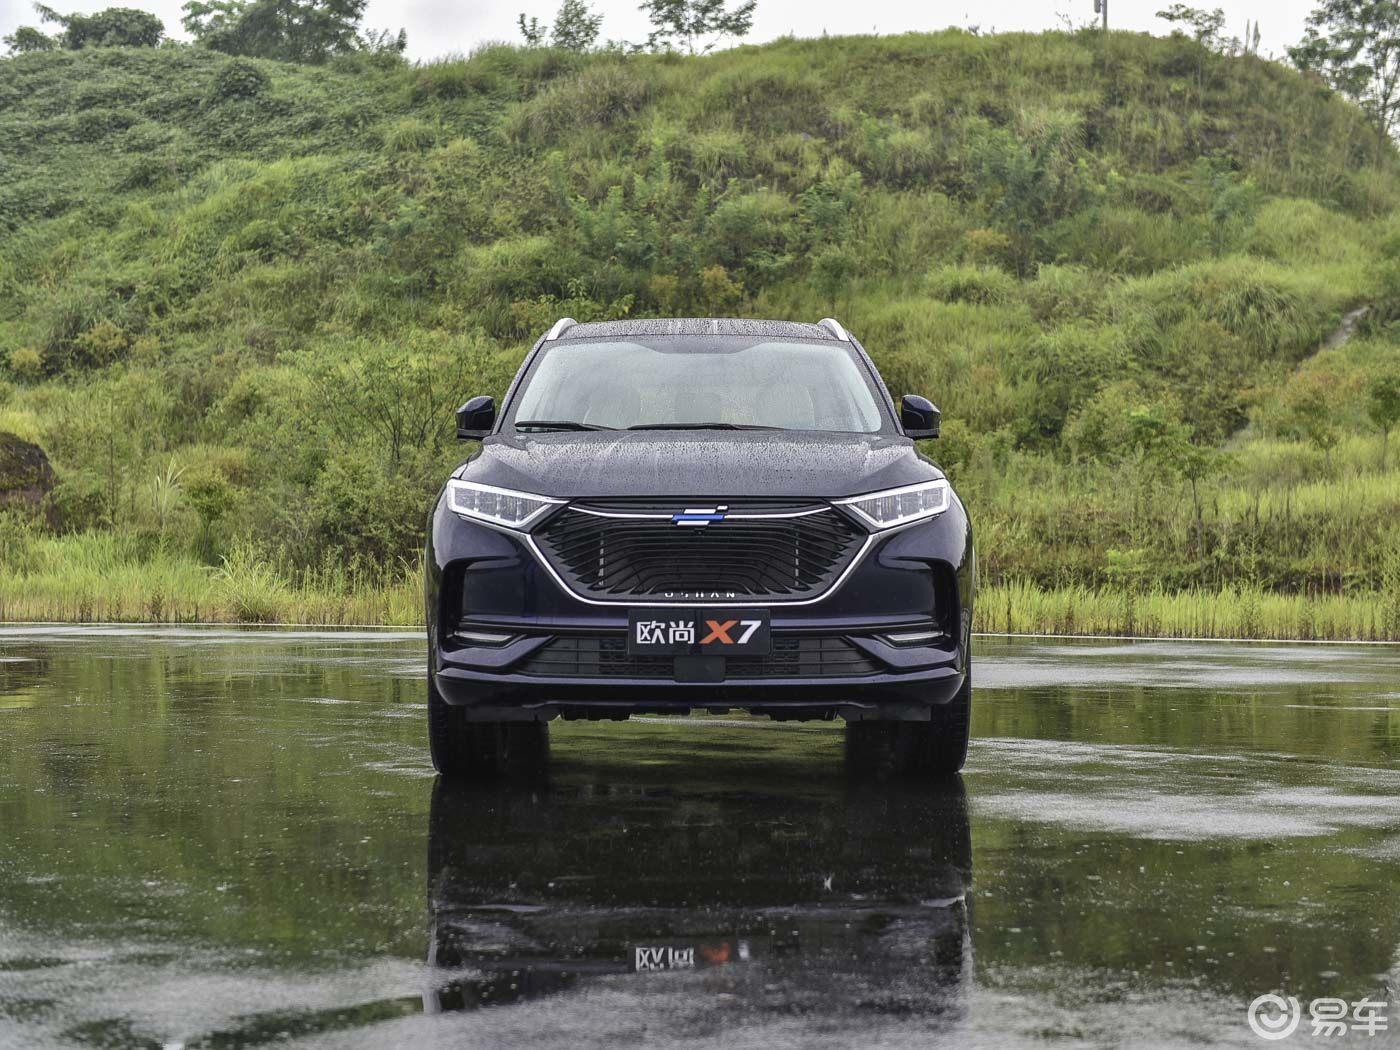 爆款国产SUV又出新车型,10.99万起这SUV确实很值